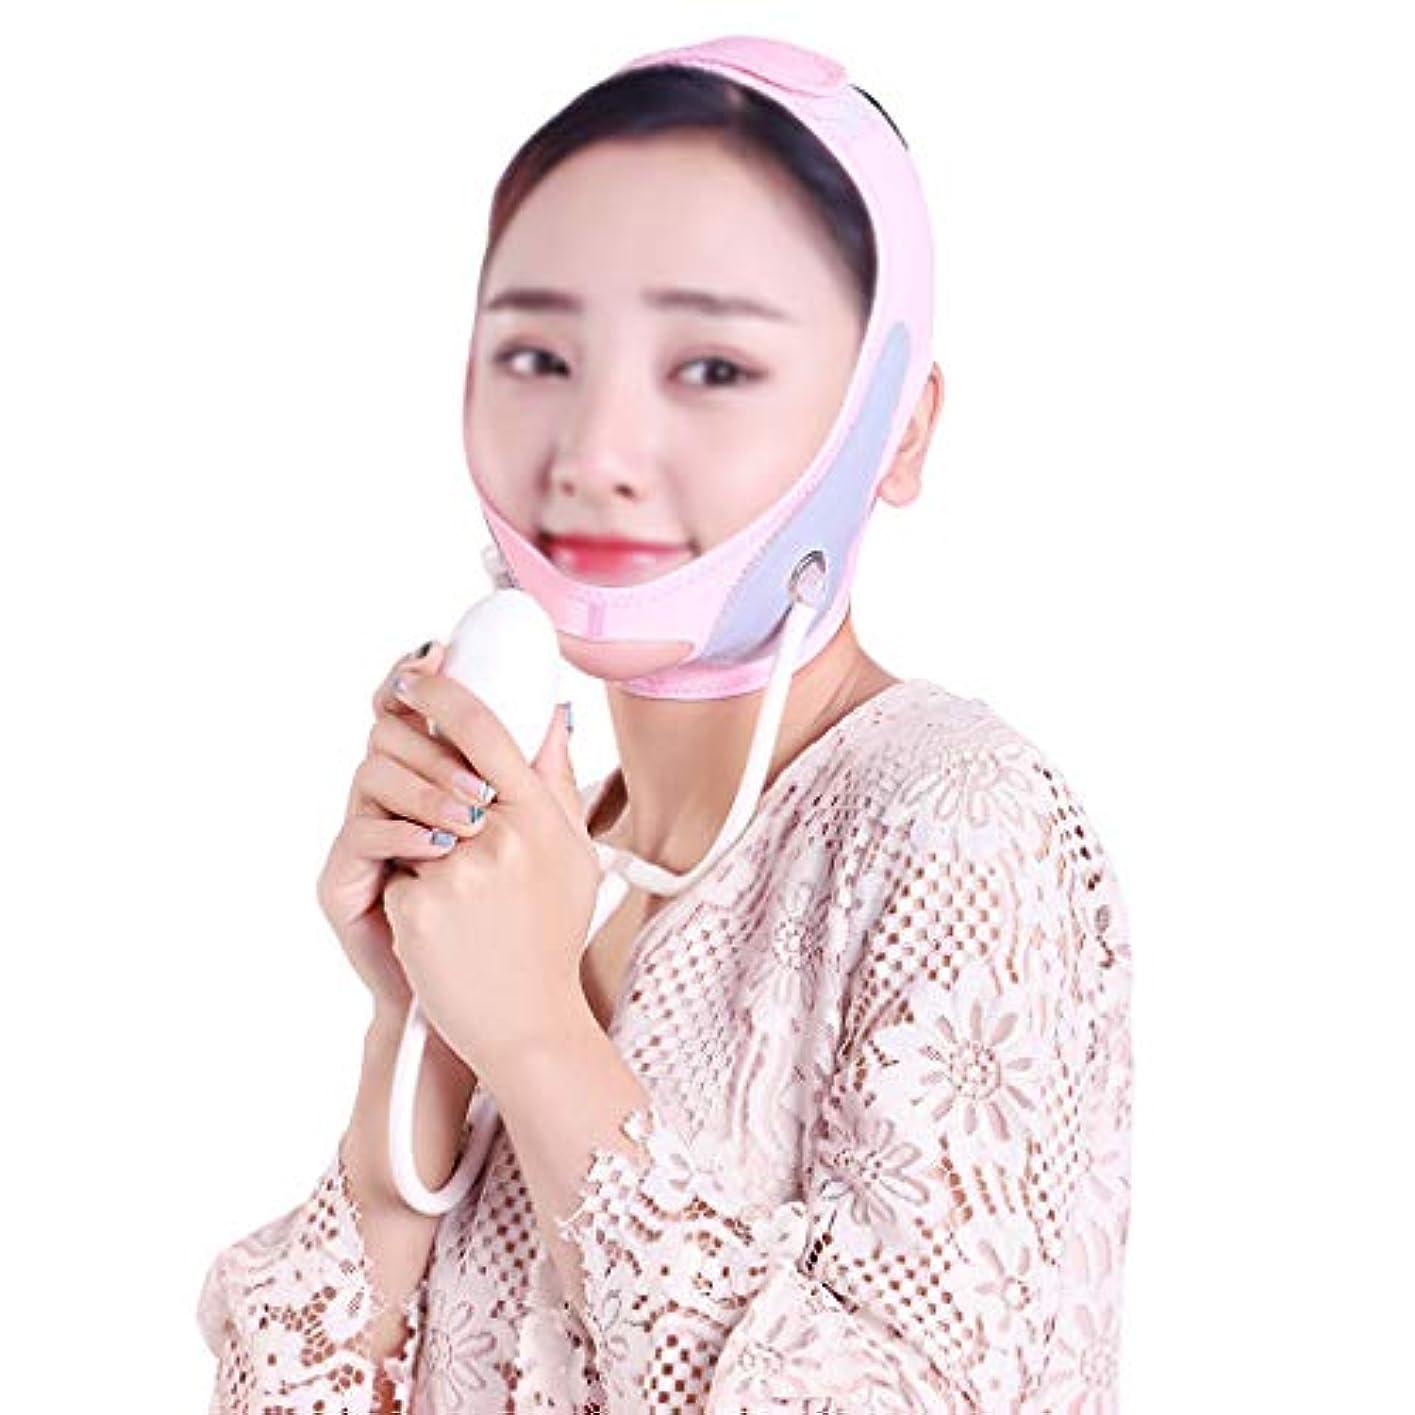 暴露する厳密にサミットGLJJQMY 膨脹可能なマスクは小さいVの表面を作成するために皮の形づけおよび引き締めパターン/二重あごの包帯の人工物を高めます 顔用整形マスク